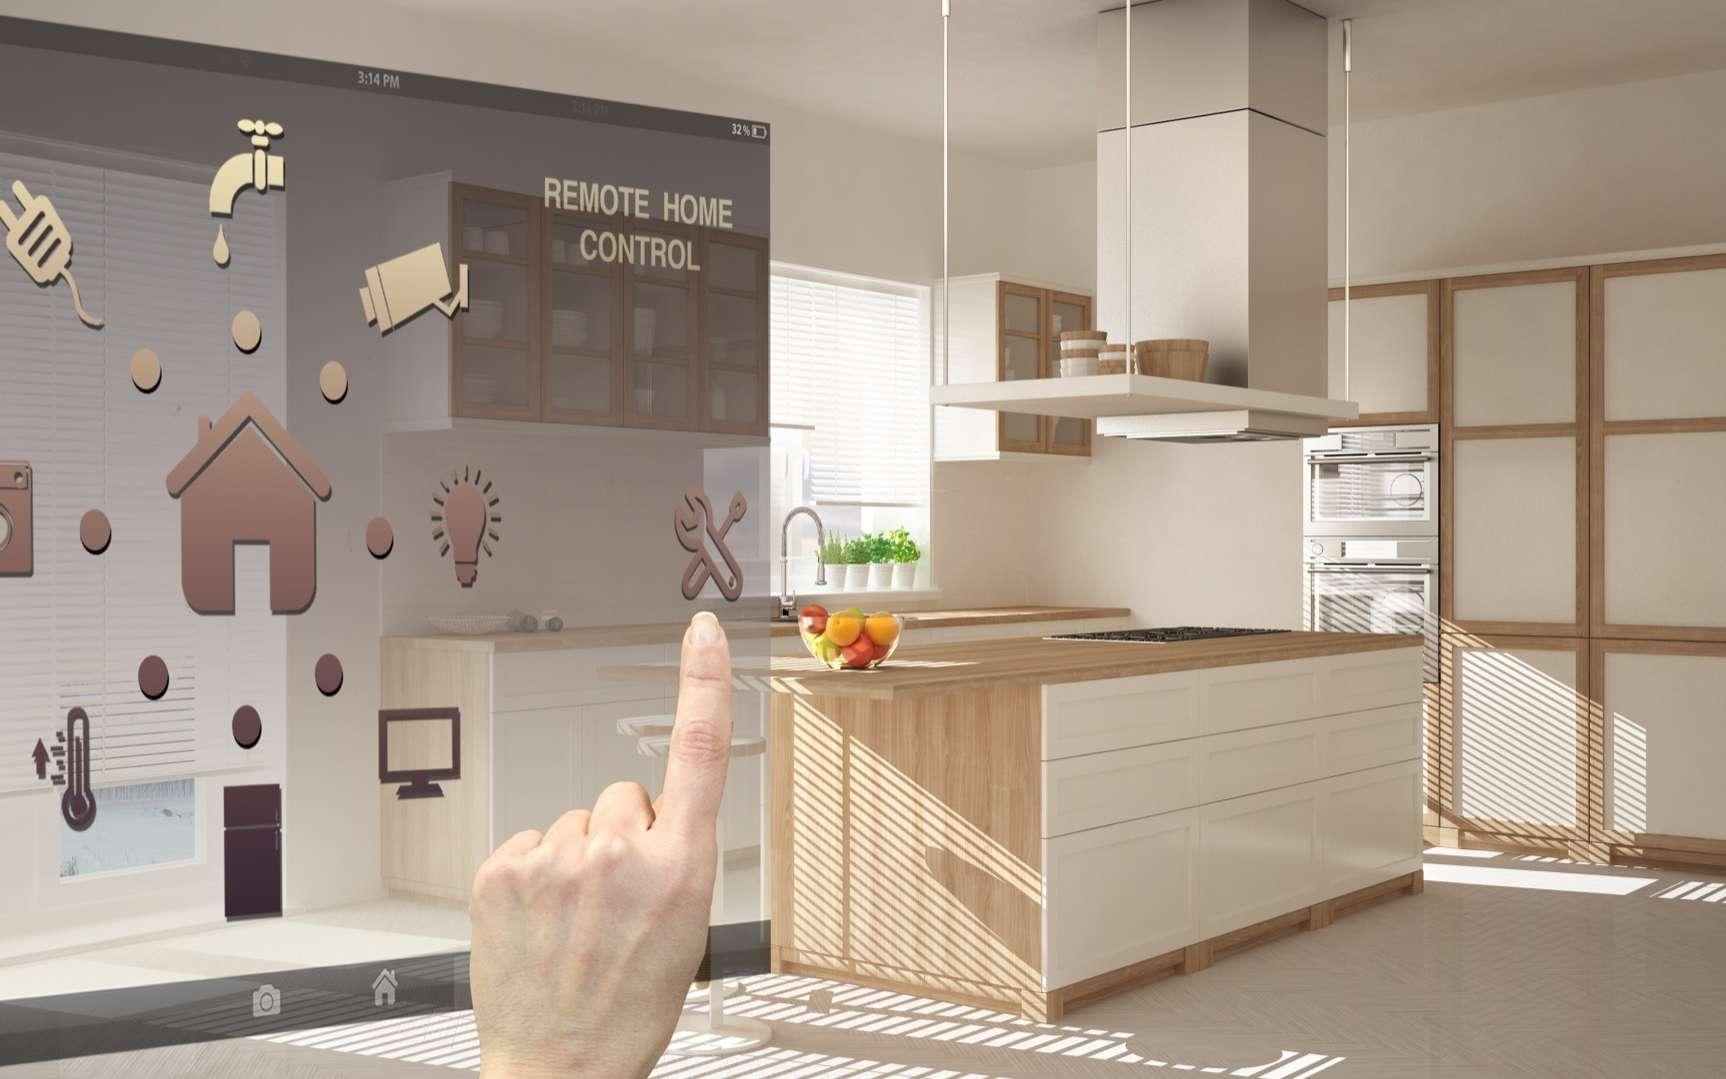 Matter sera dès la fin de l'année, le standard commun de nombreux appareils connectés pour la maison. © ArchiVIZ, Adobe Stock